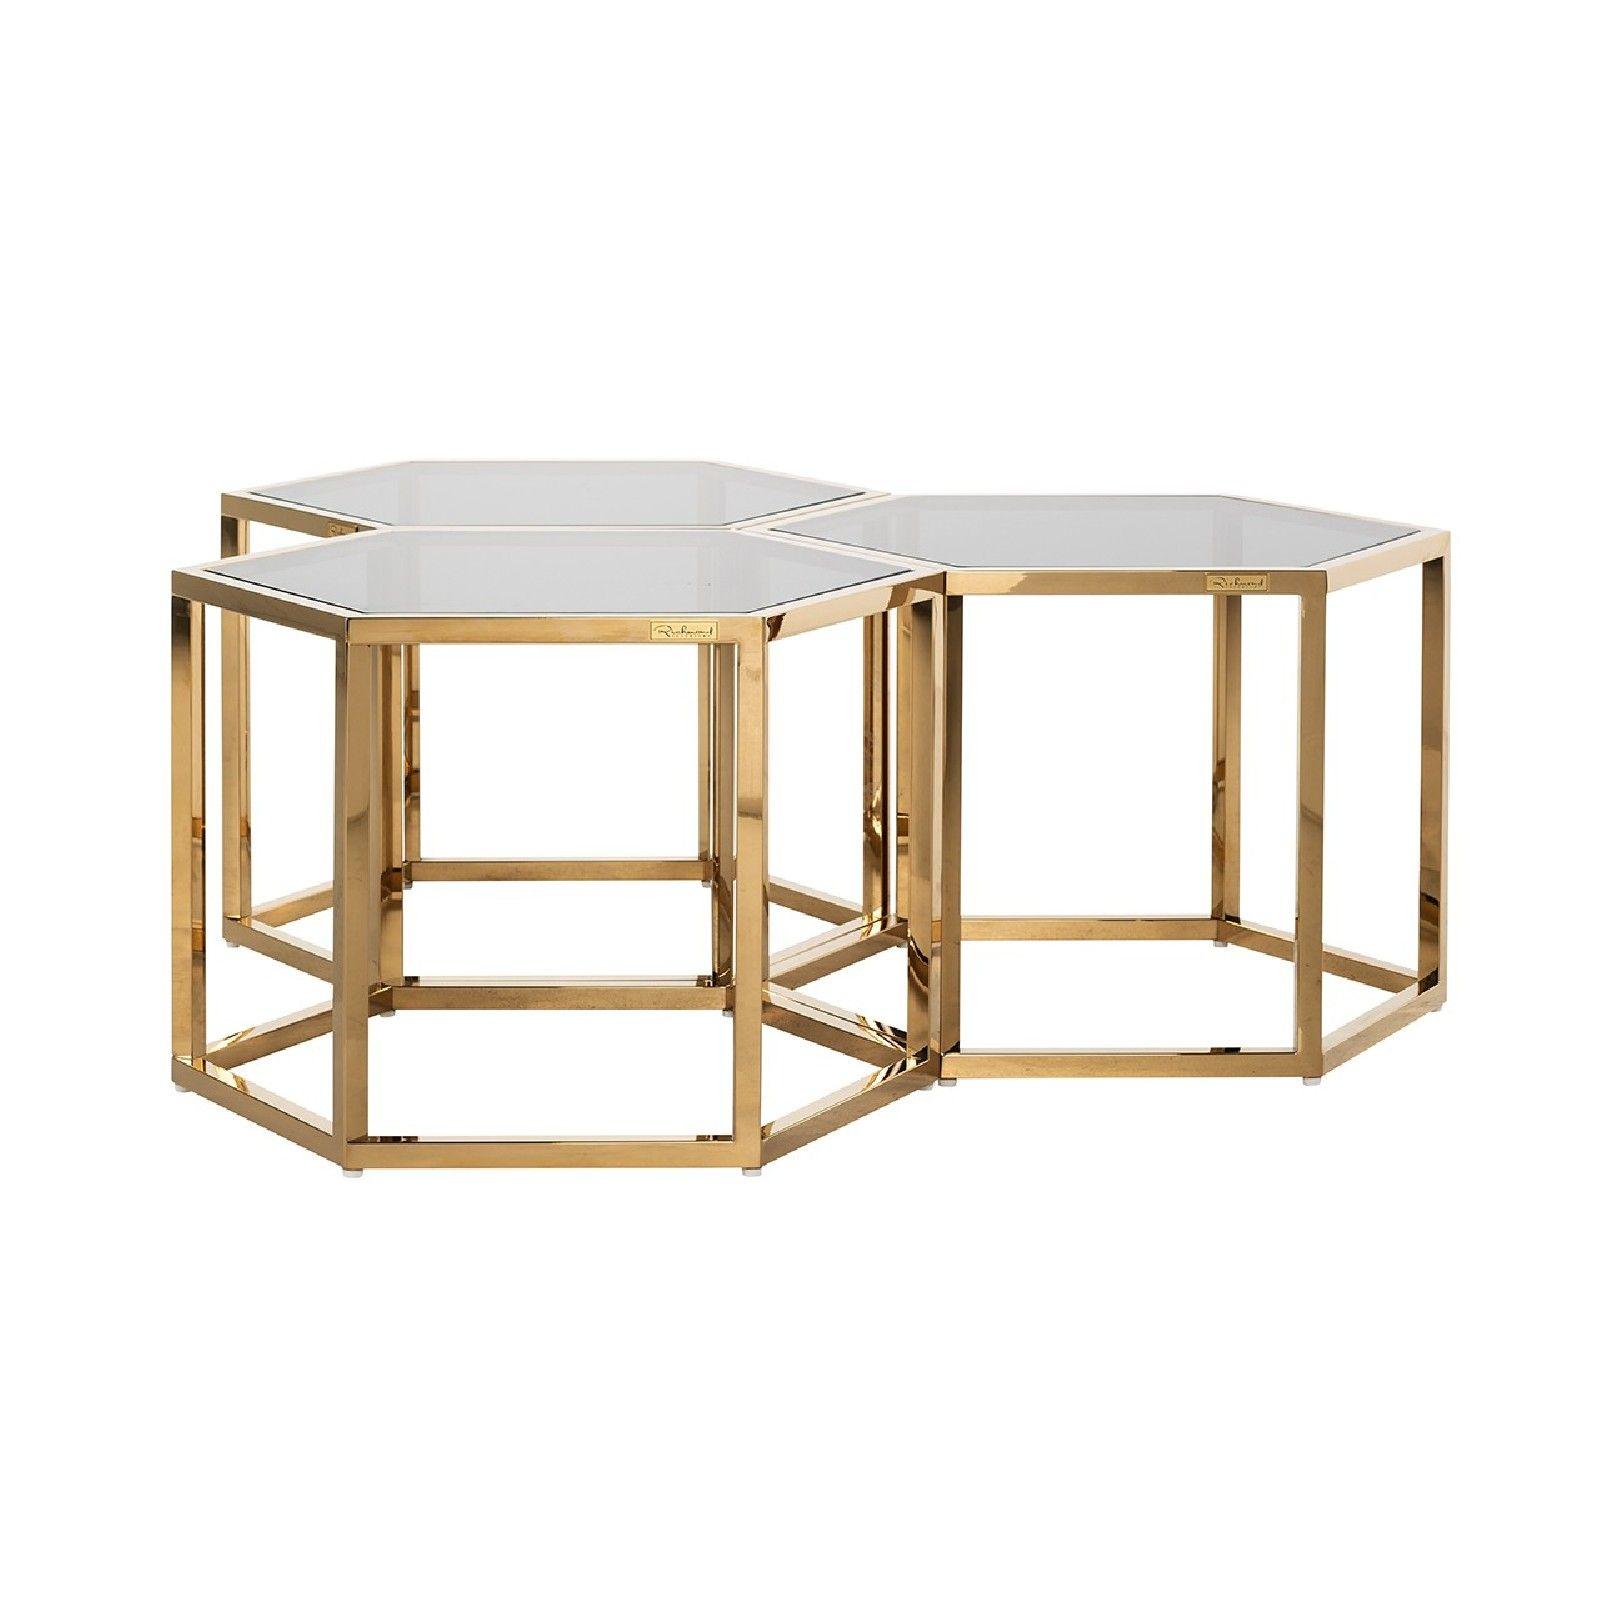 Table de salon Penta set de 3 hexagone dorée Tables basses rondes - 33